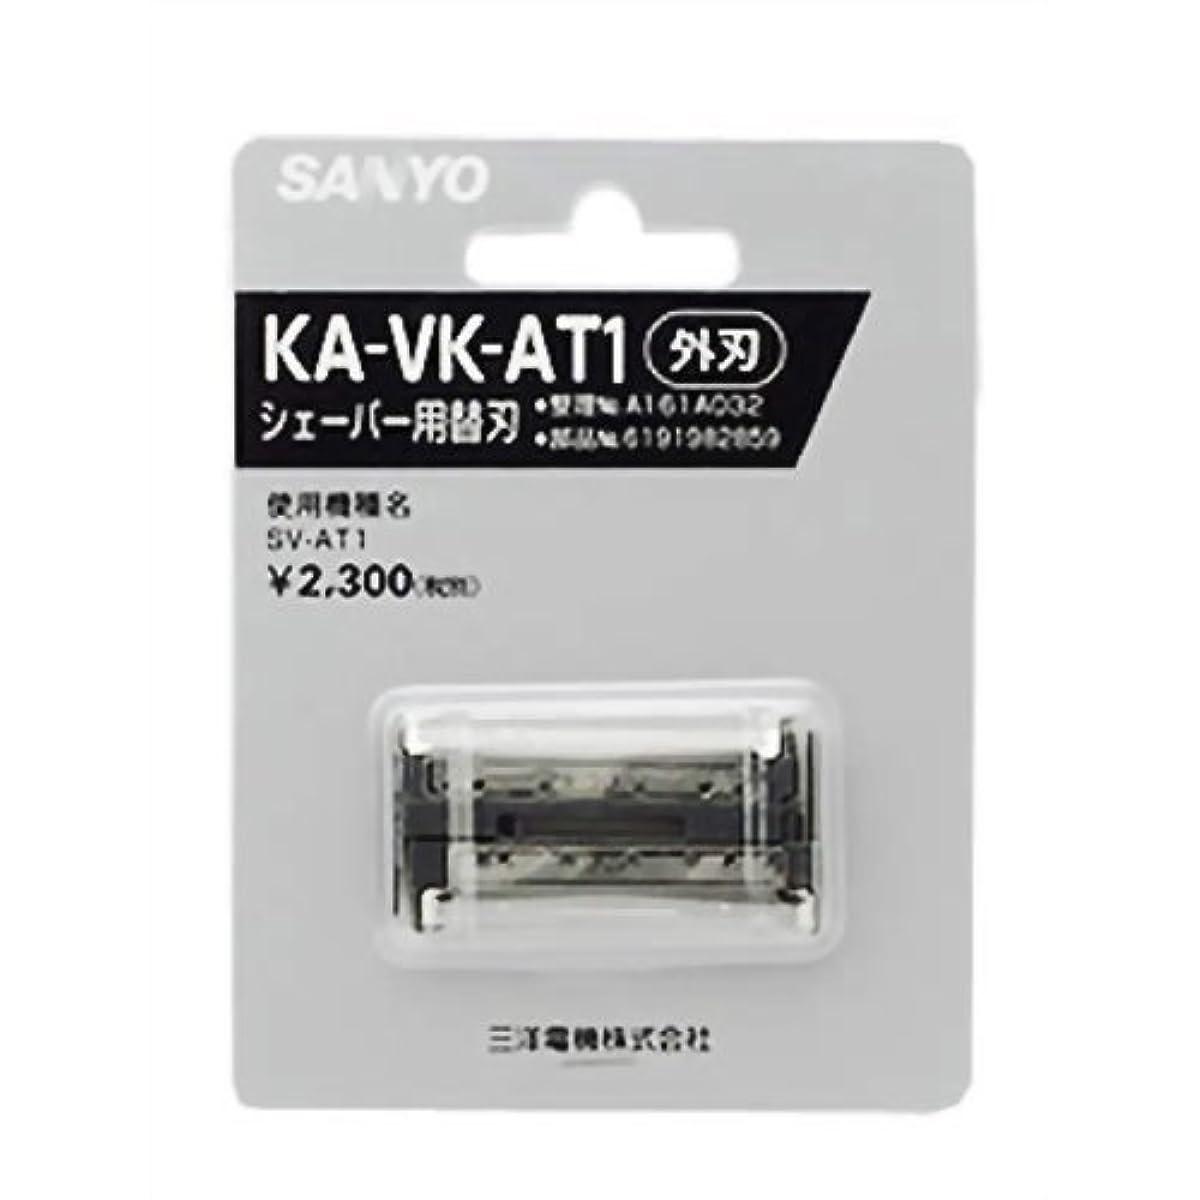 成人期流行している奴隷SANYO メンズシェーバー替刃(外刃) KA-VK-AT1